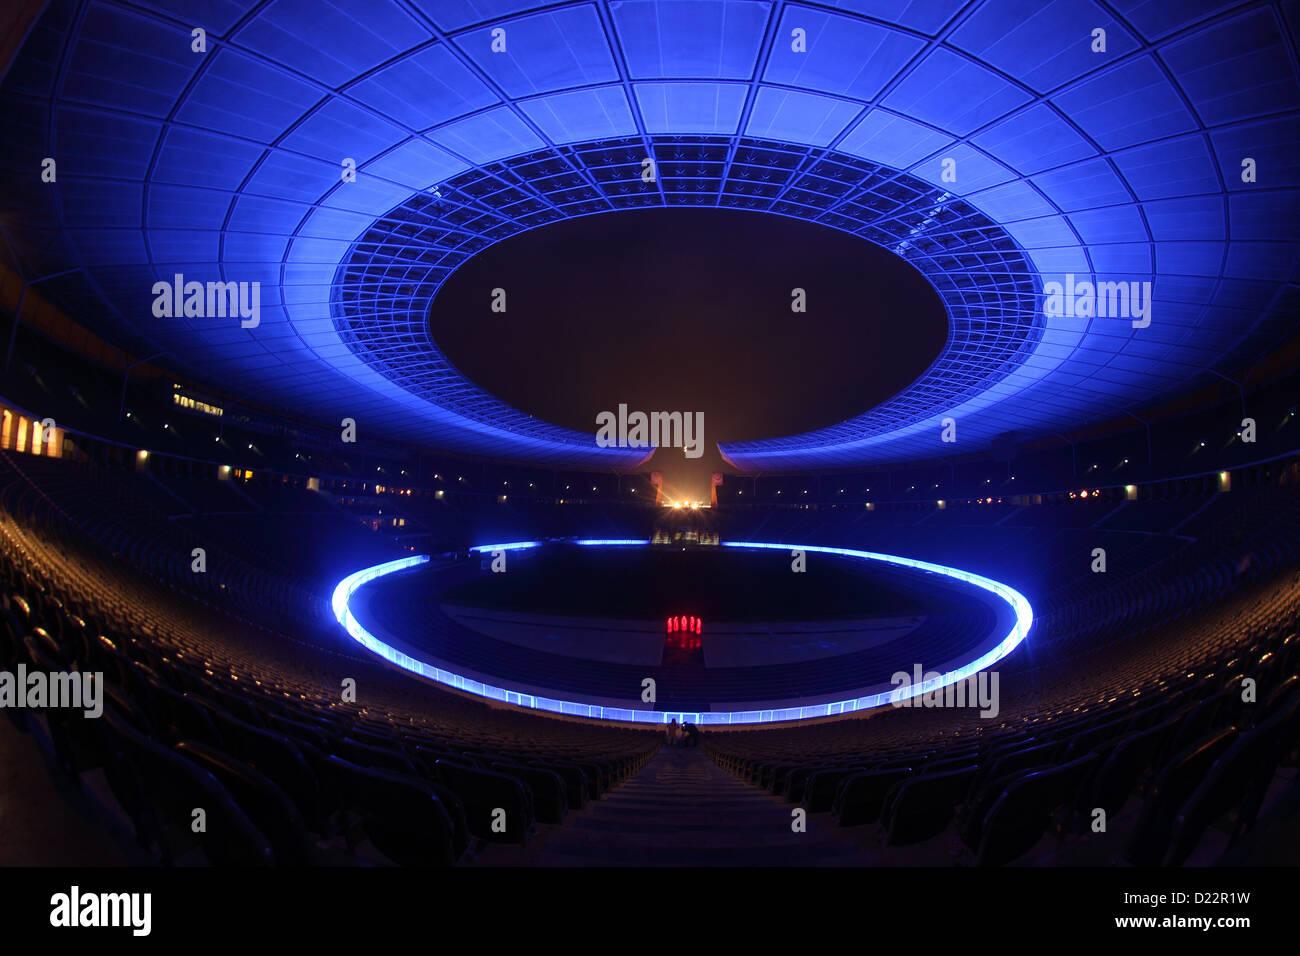 Berlino, Germania, Waechter tempo allo stadio Olimpico durante la festa delle luci 2012 Immagini Stock